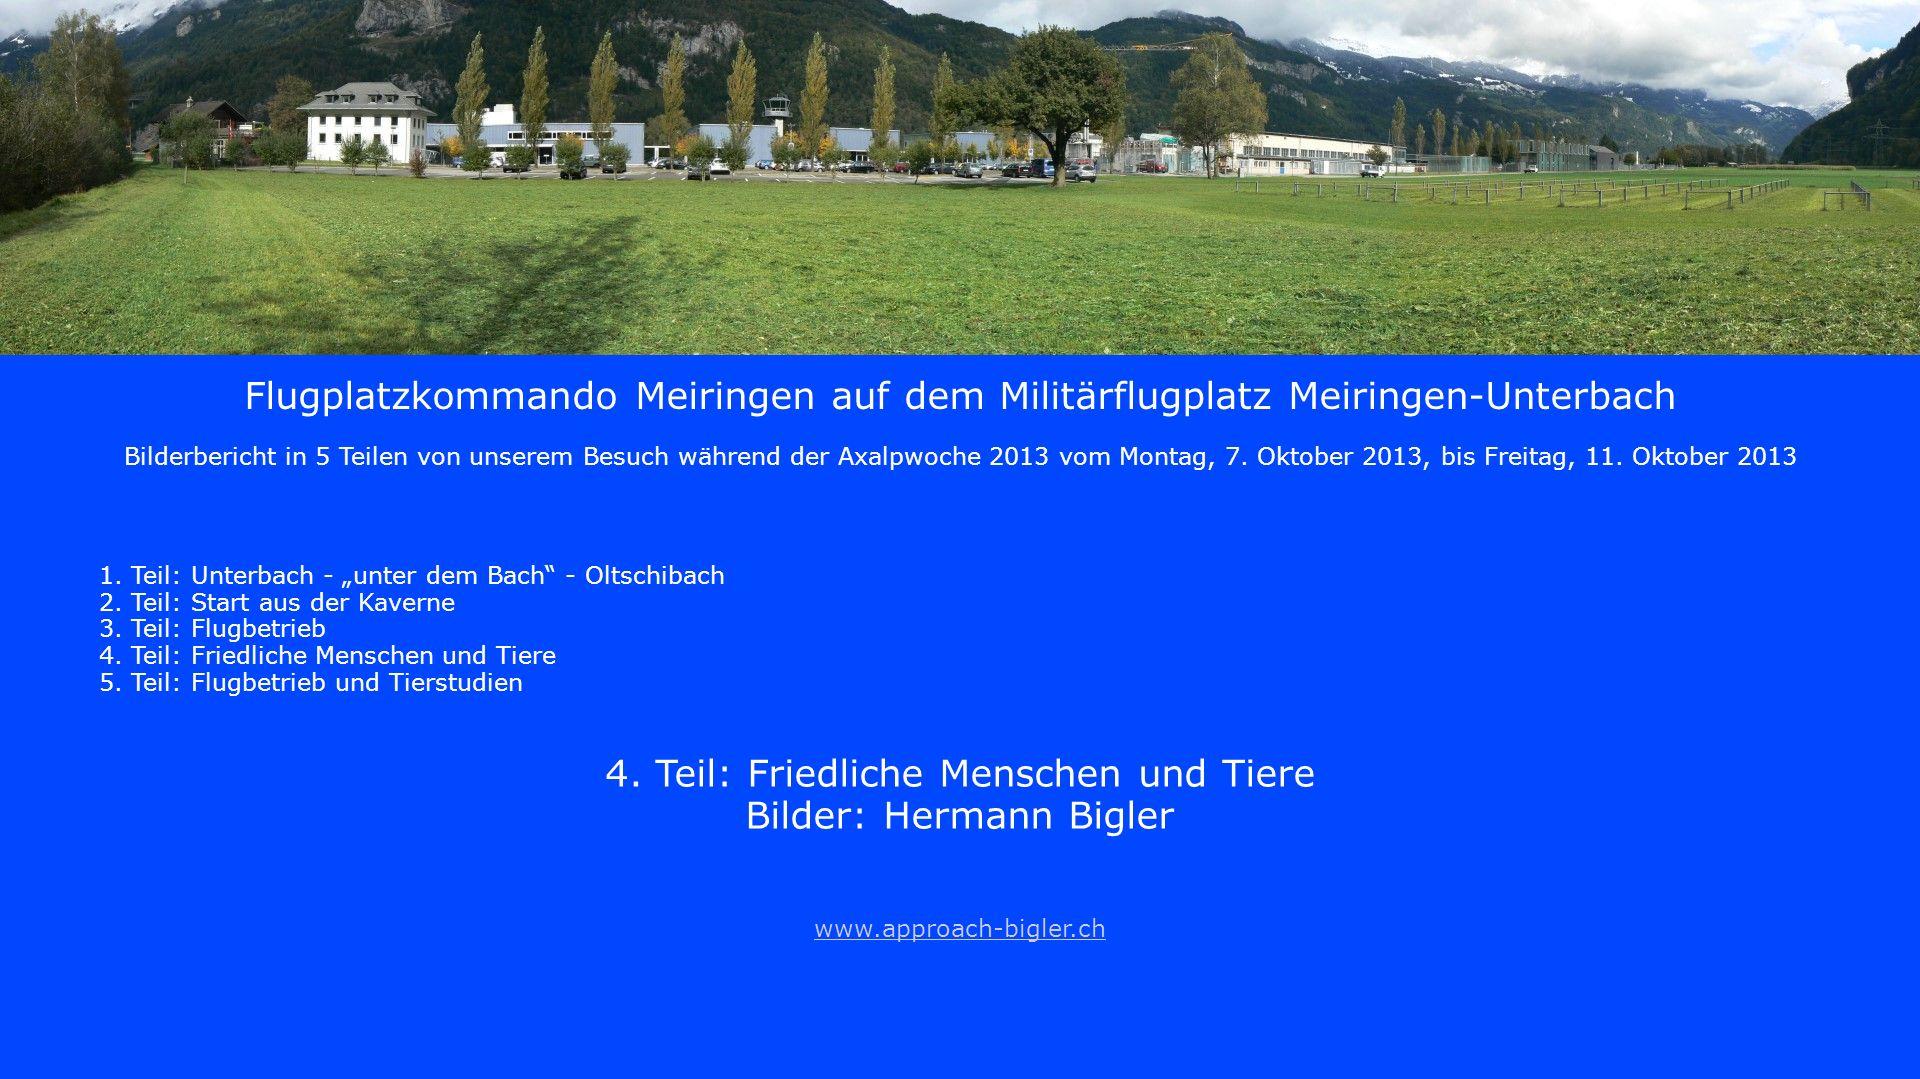 Direkt neben der modernen Air Base Meiringen ein historischer Bunker, getarnt als Alphütte.